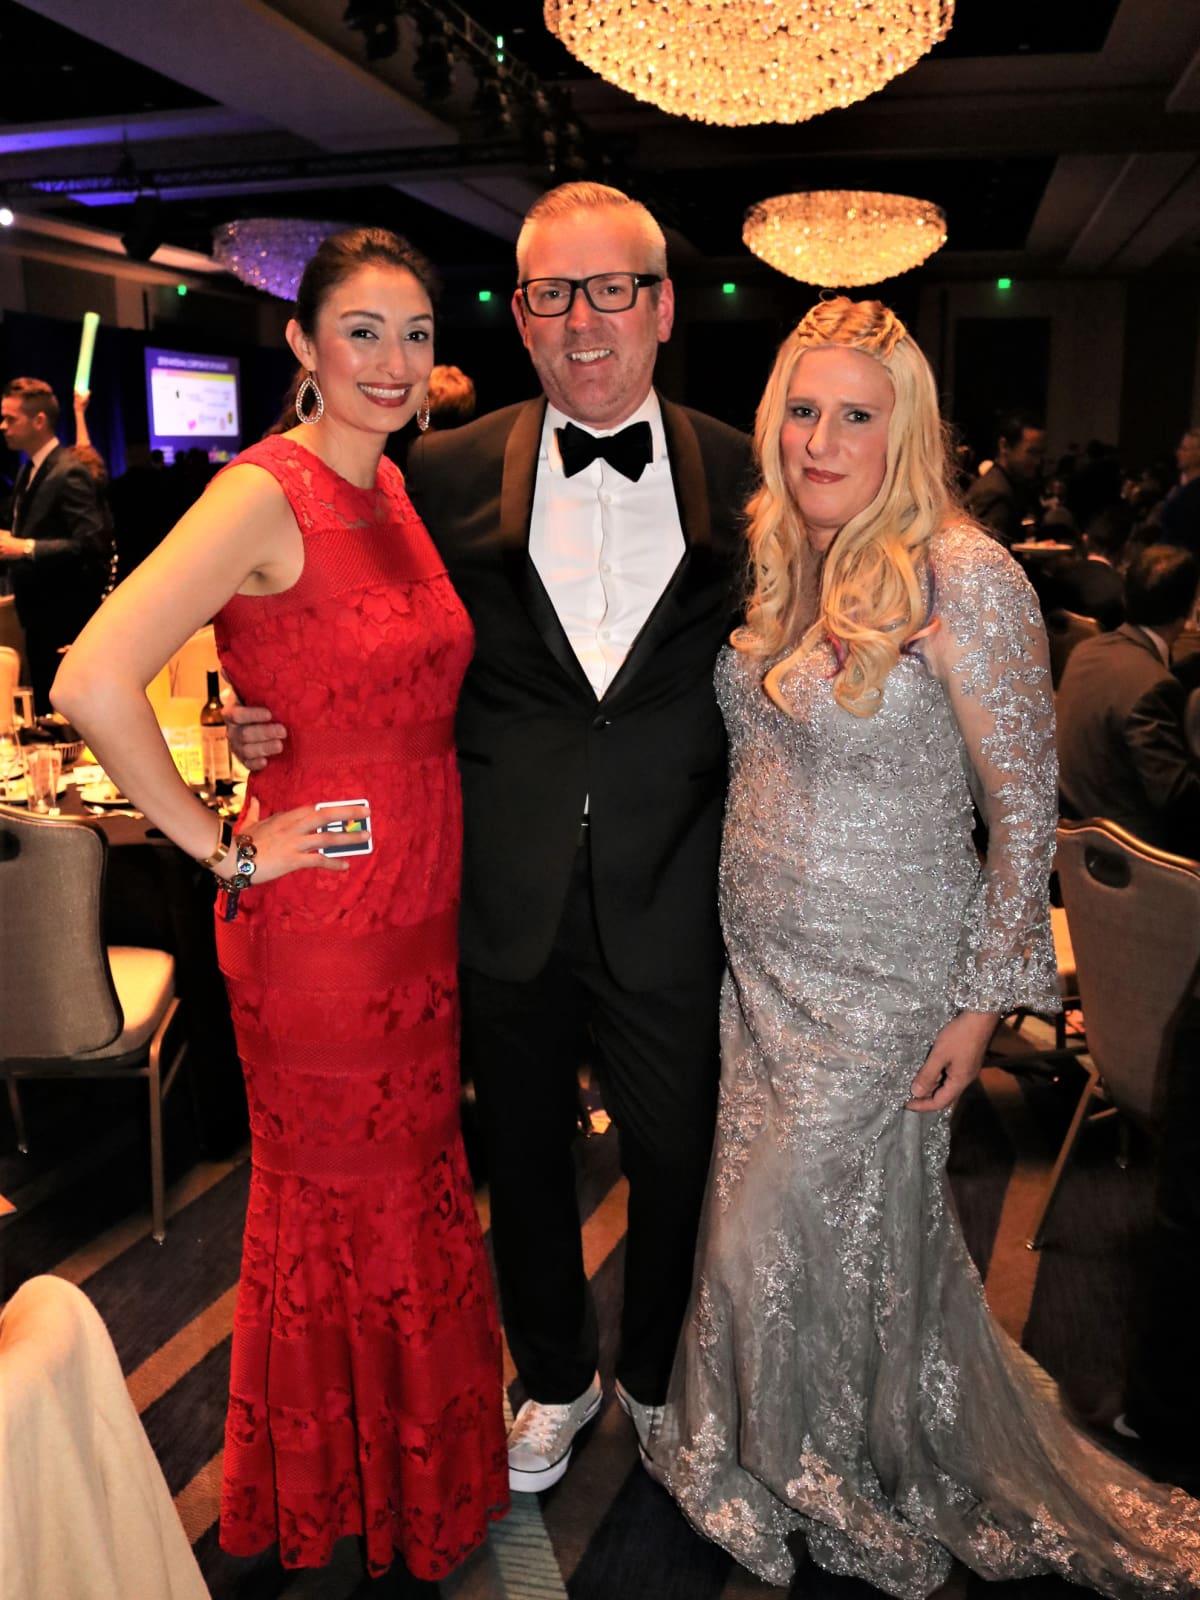 Melissa Dale, Tres Brown, and Amanda Turner